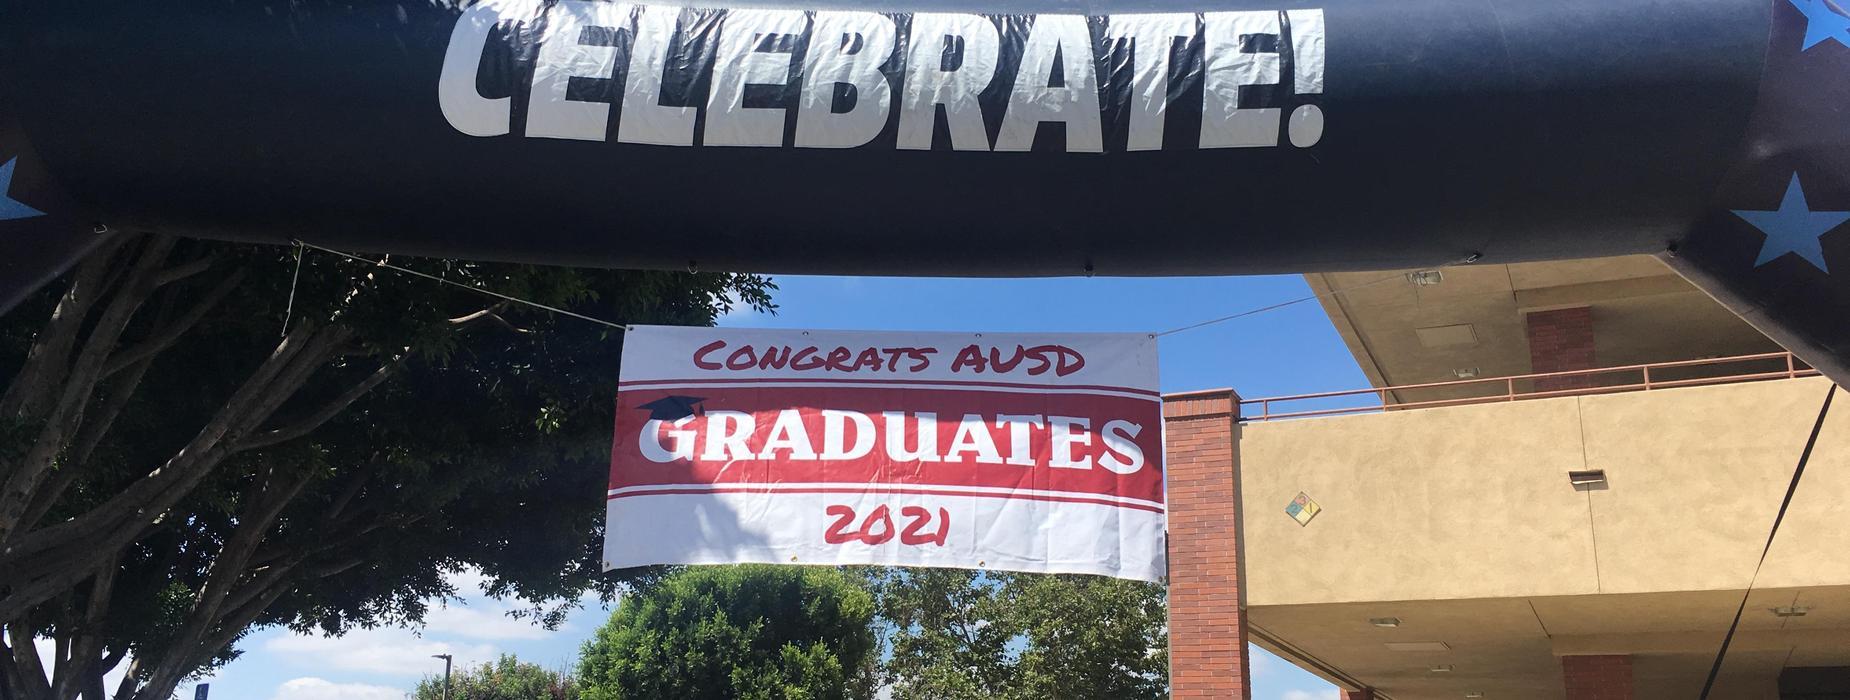 Congrats AUSD 2021 Graduates